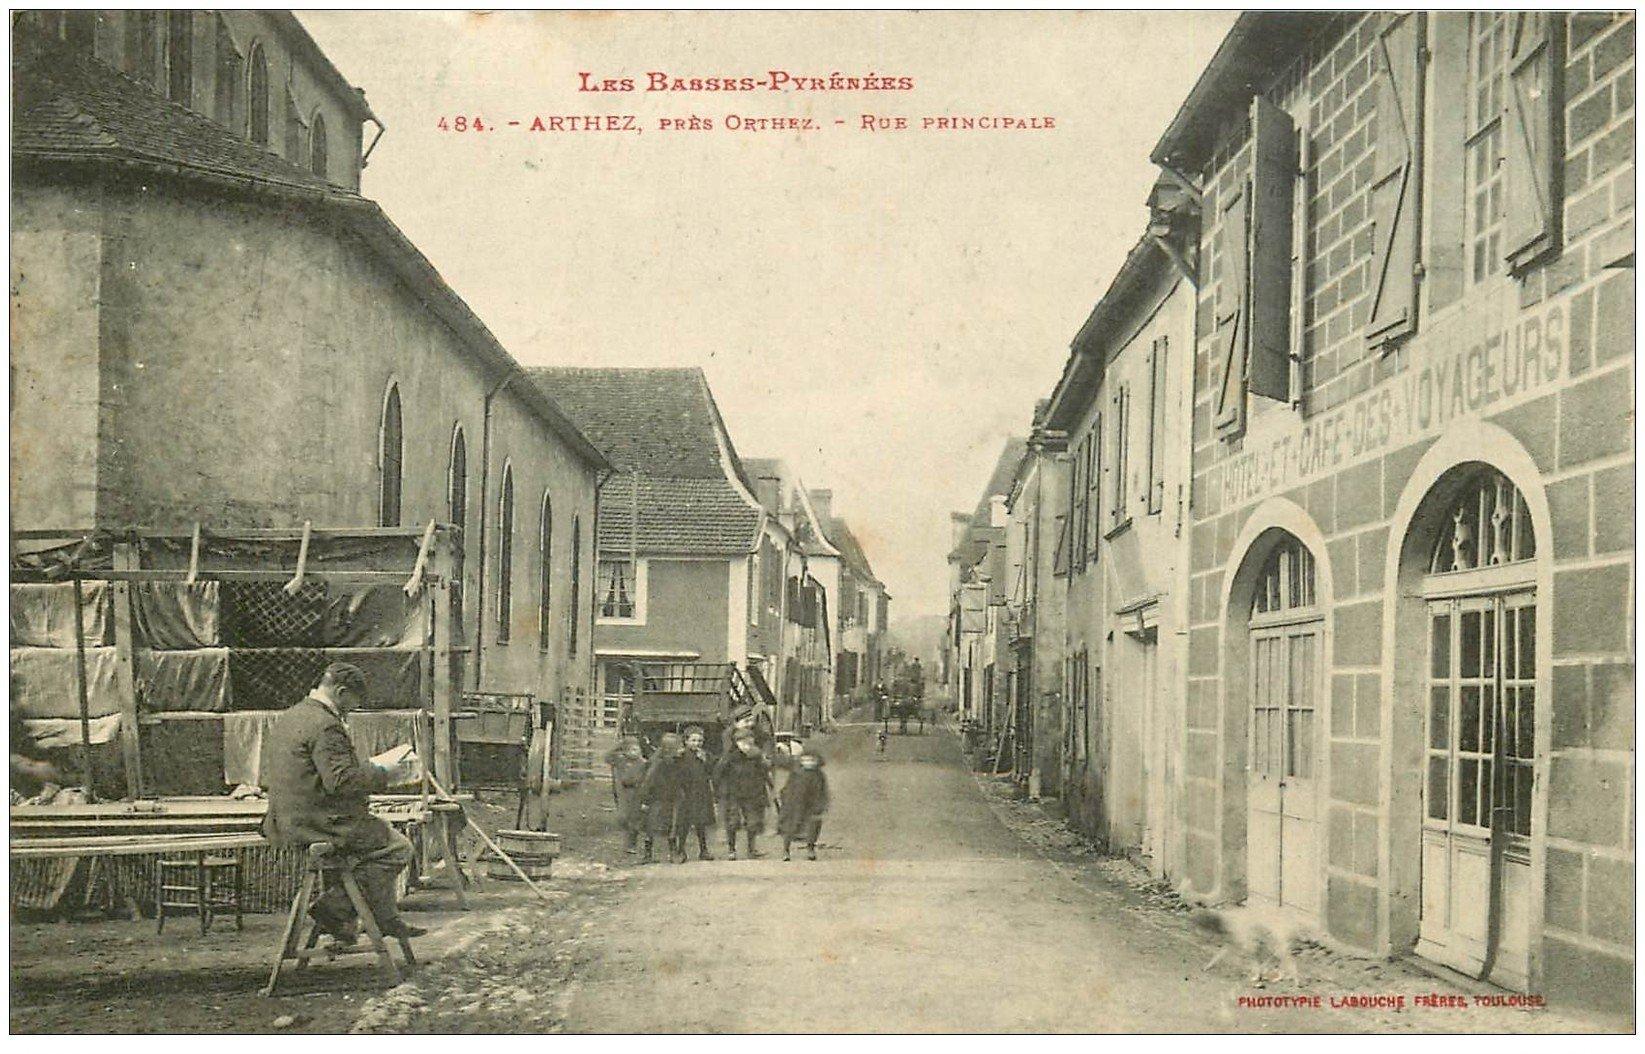 carte postale ancienne 64 ARTHEZ. Vendeur de Tissus Rue Principale. Hôtel Café des Voyageurs 1910